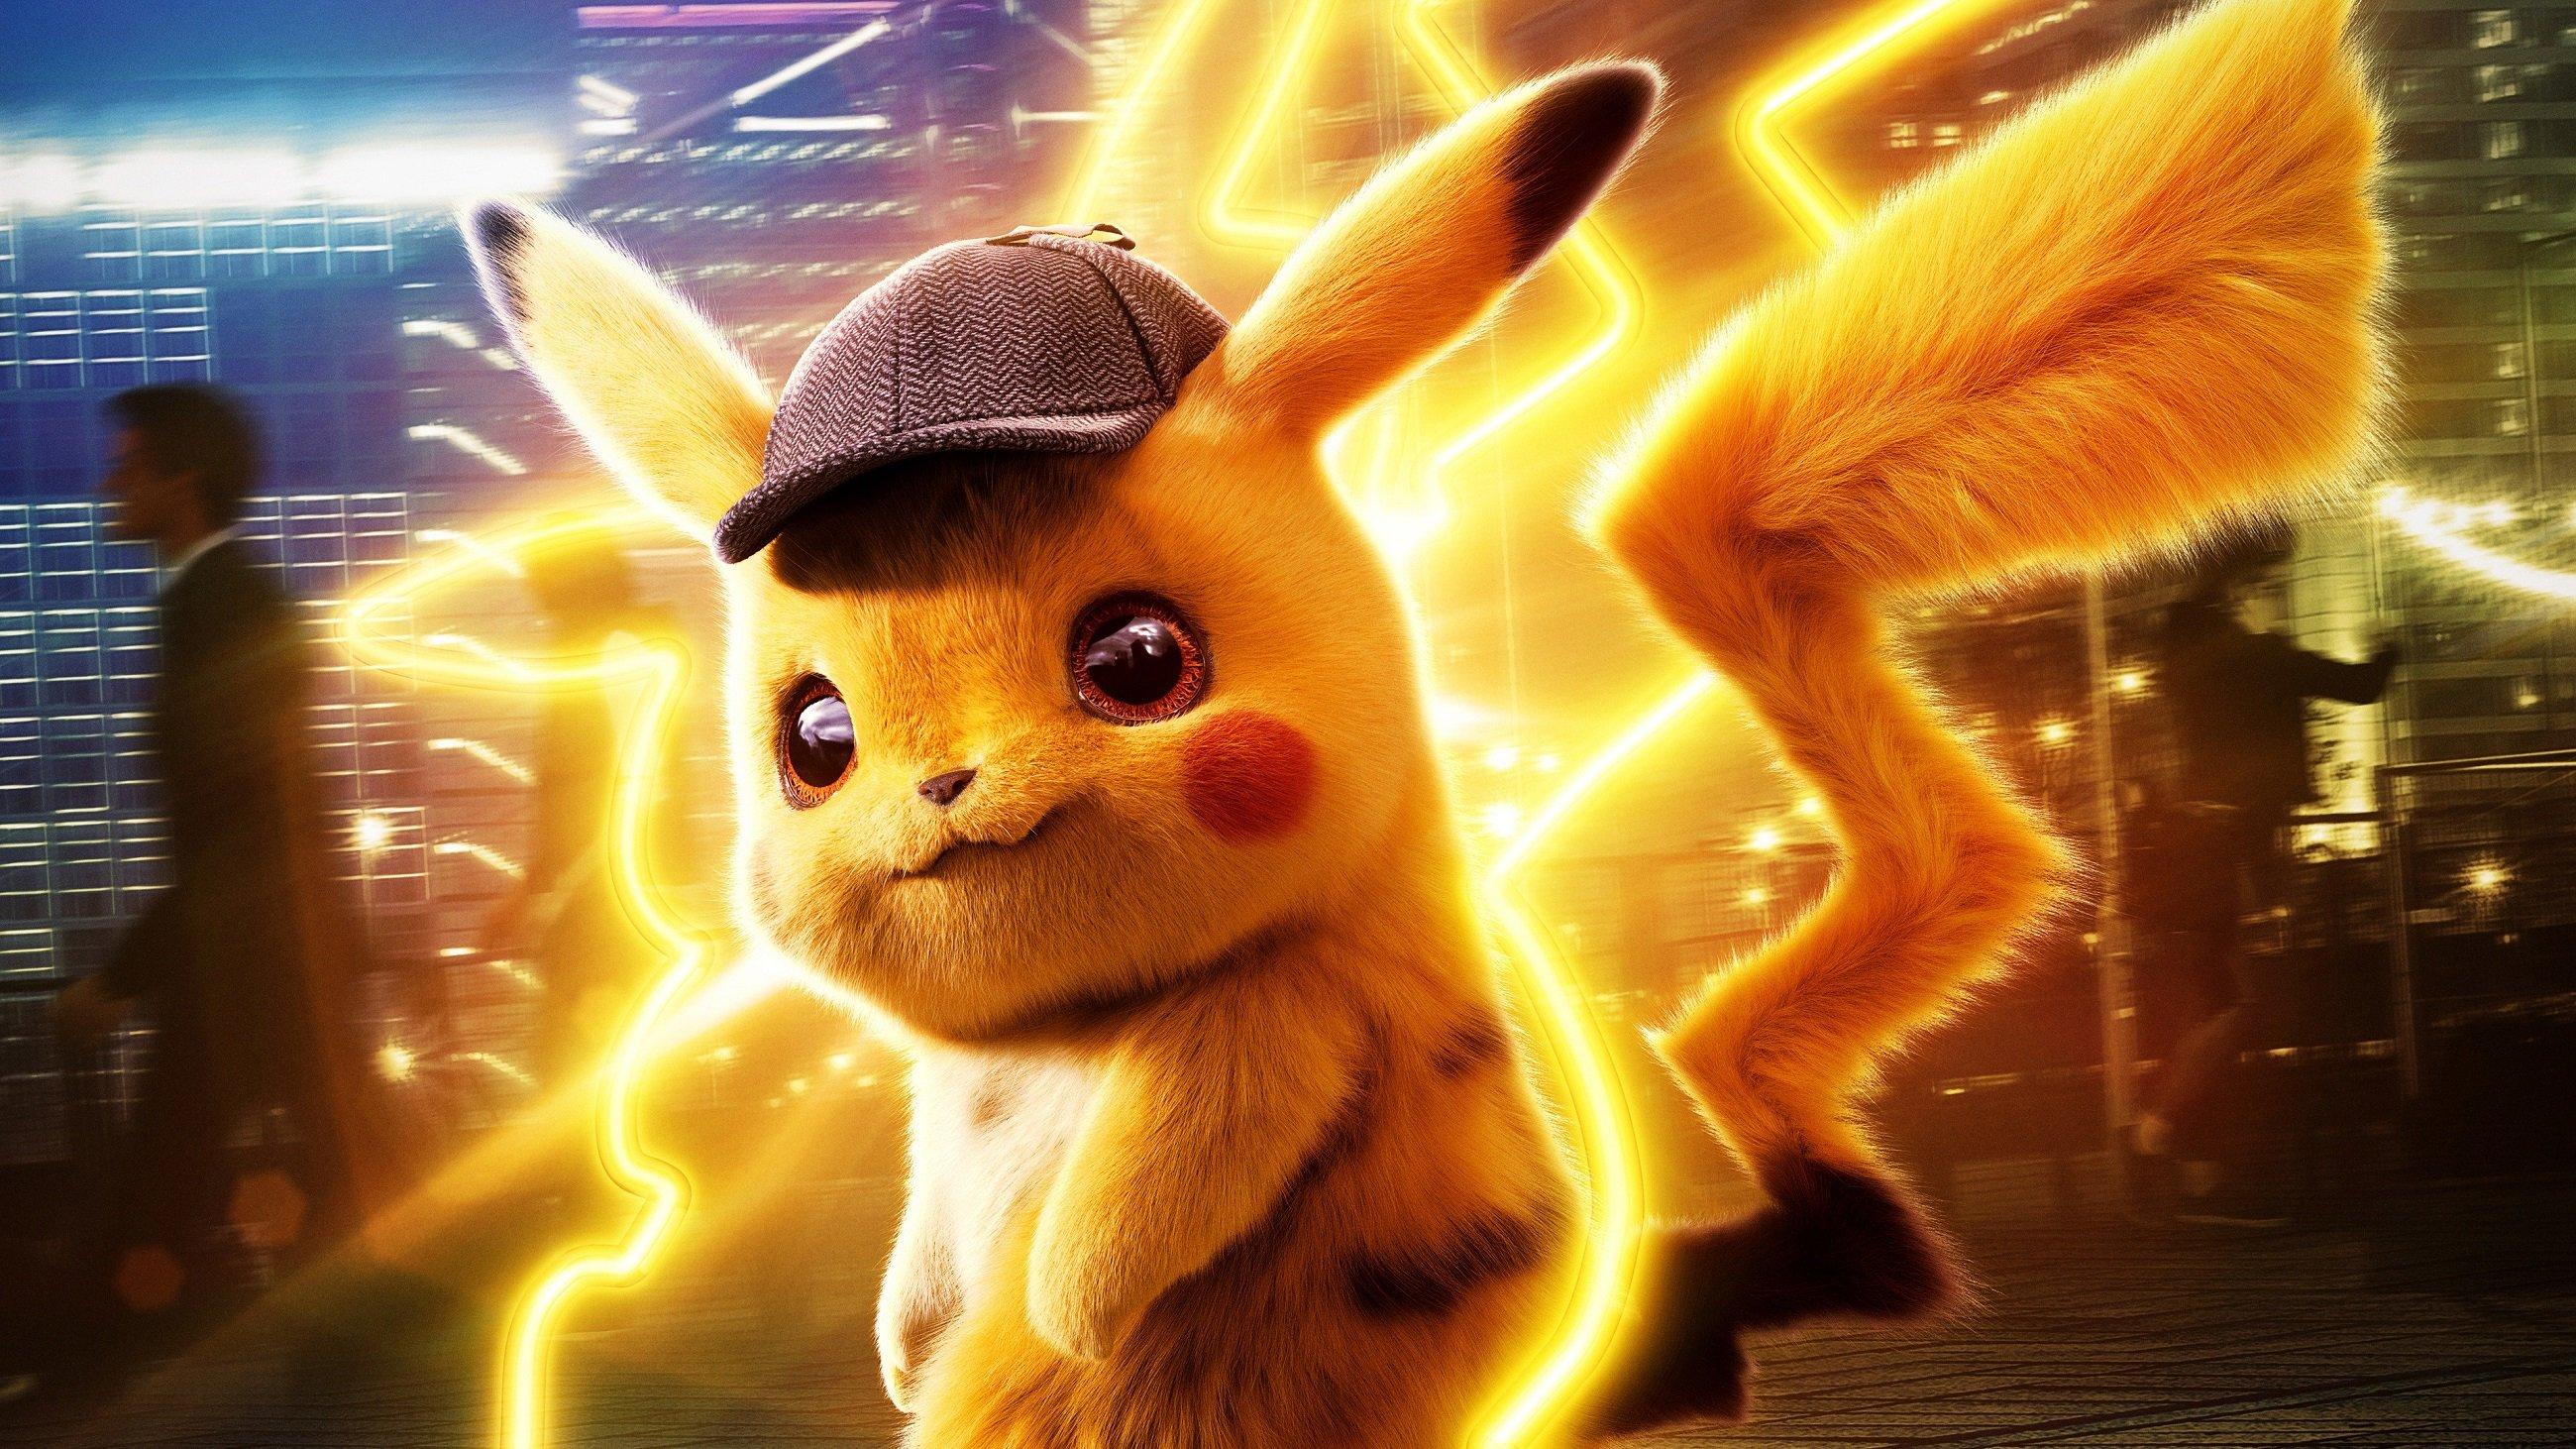 Les objets de l'inspecteur Pikachu arrivent chez Pokémon GO